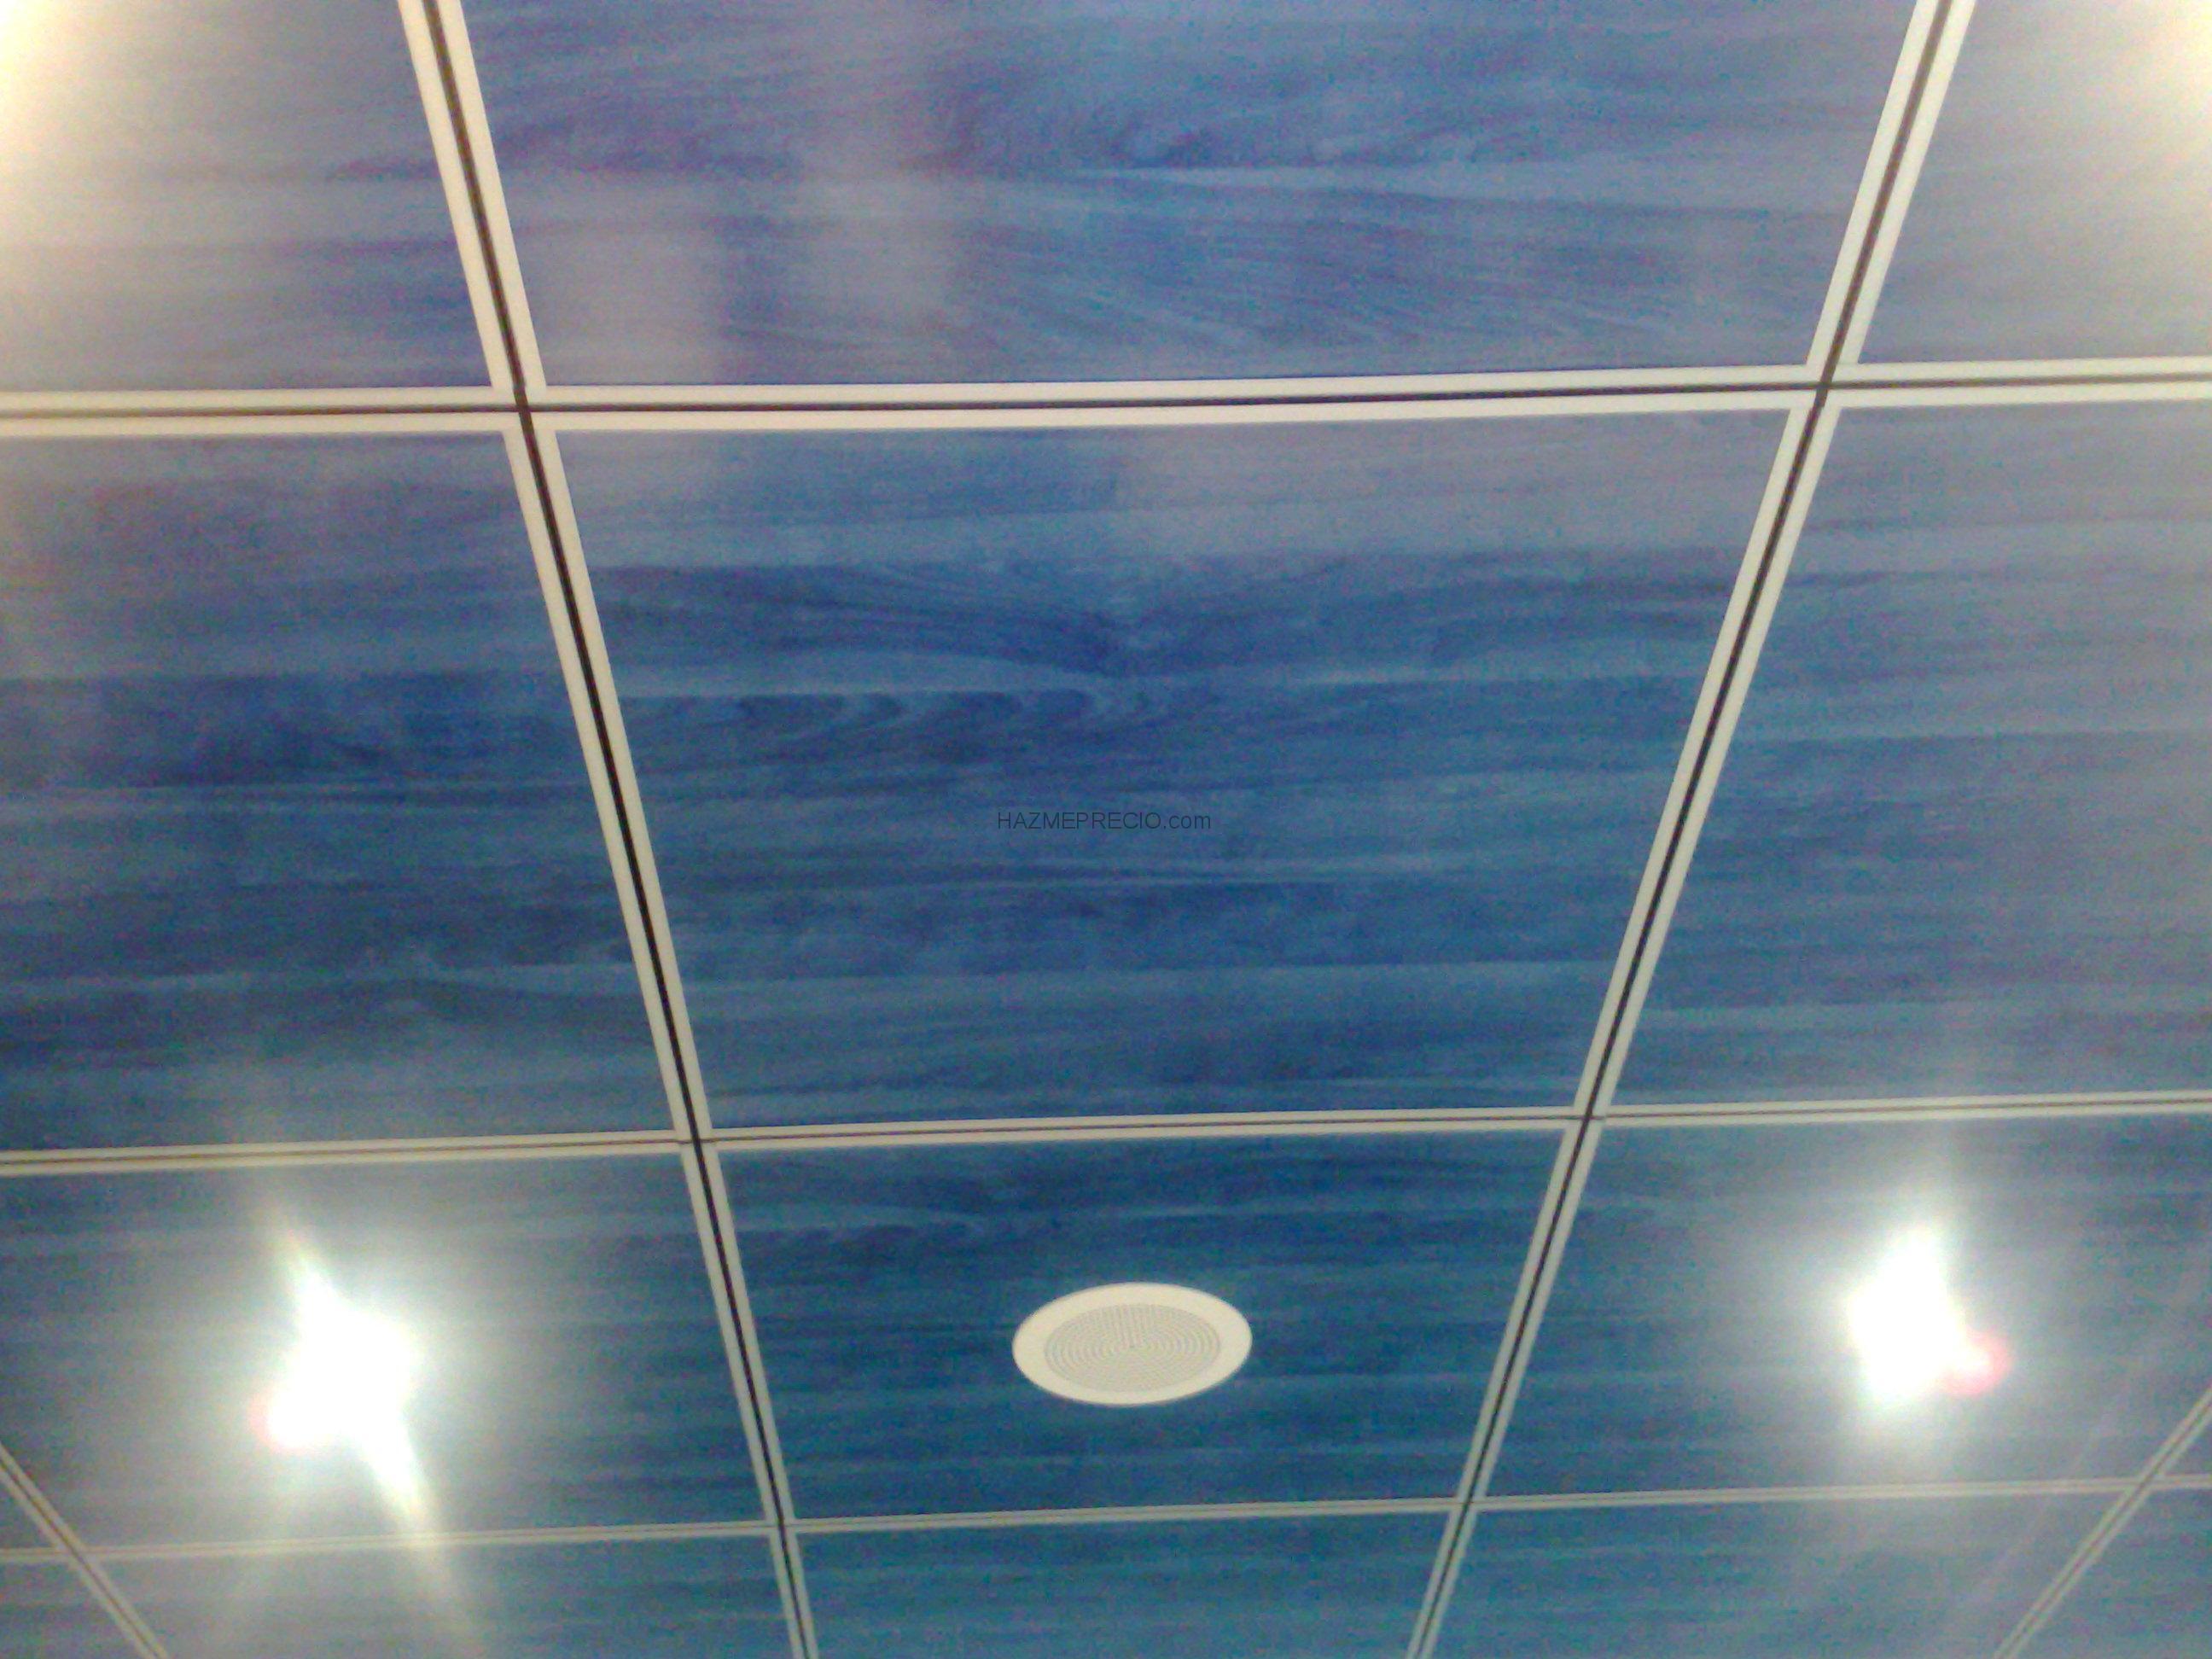 Construcciones nurvir 03400 villena alicante for Techo desmontable bano